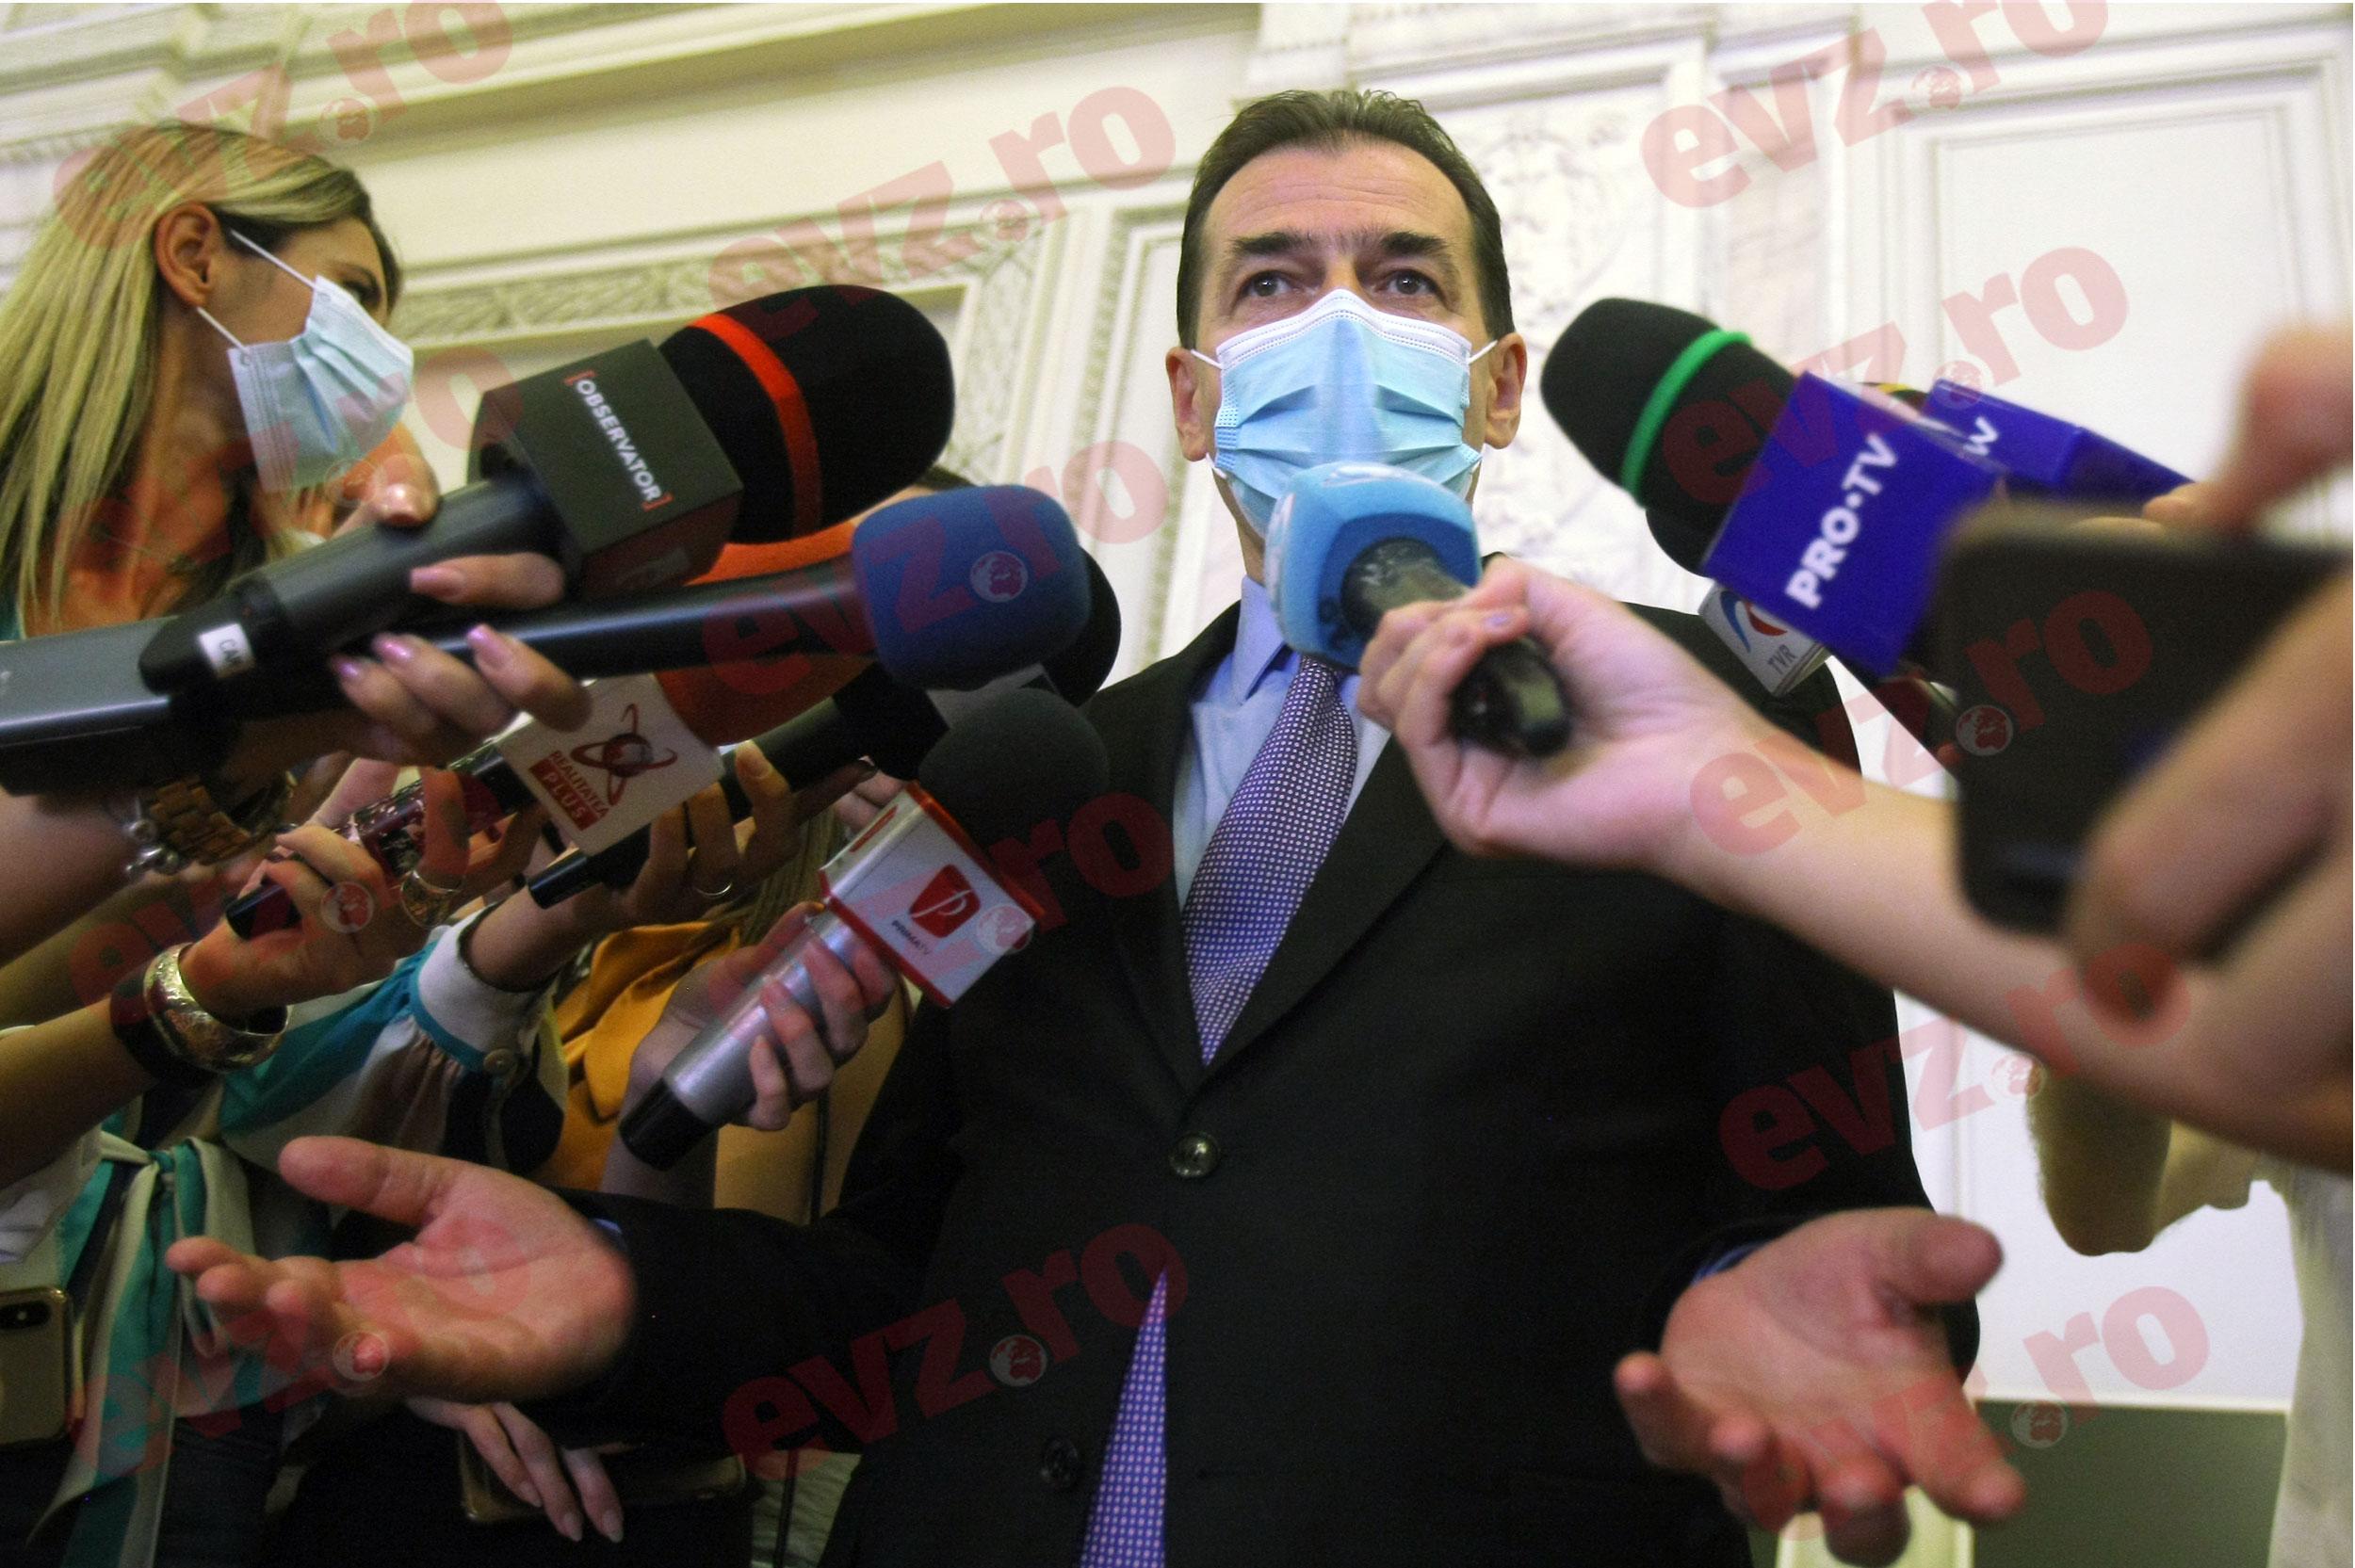 Ce ştie Orban despre Covid-19? Premierul a scăpat porumbelul! Sunt informaţii grele